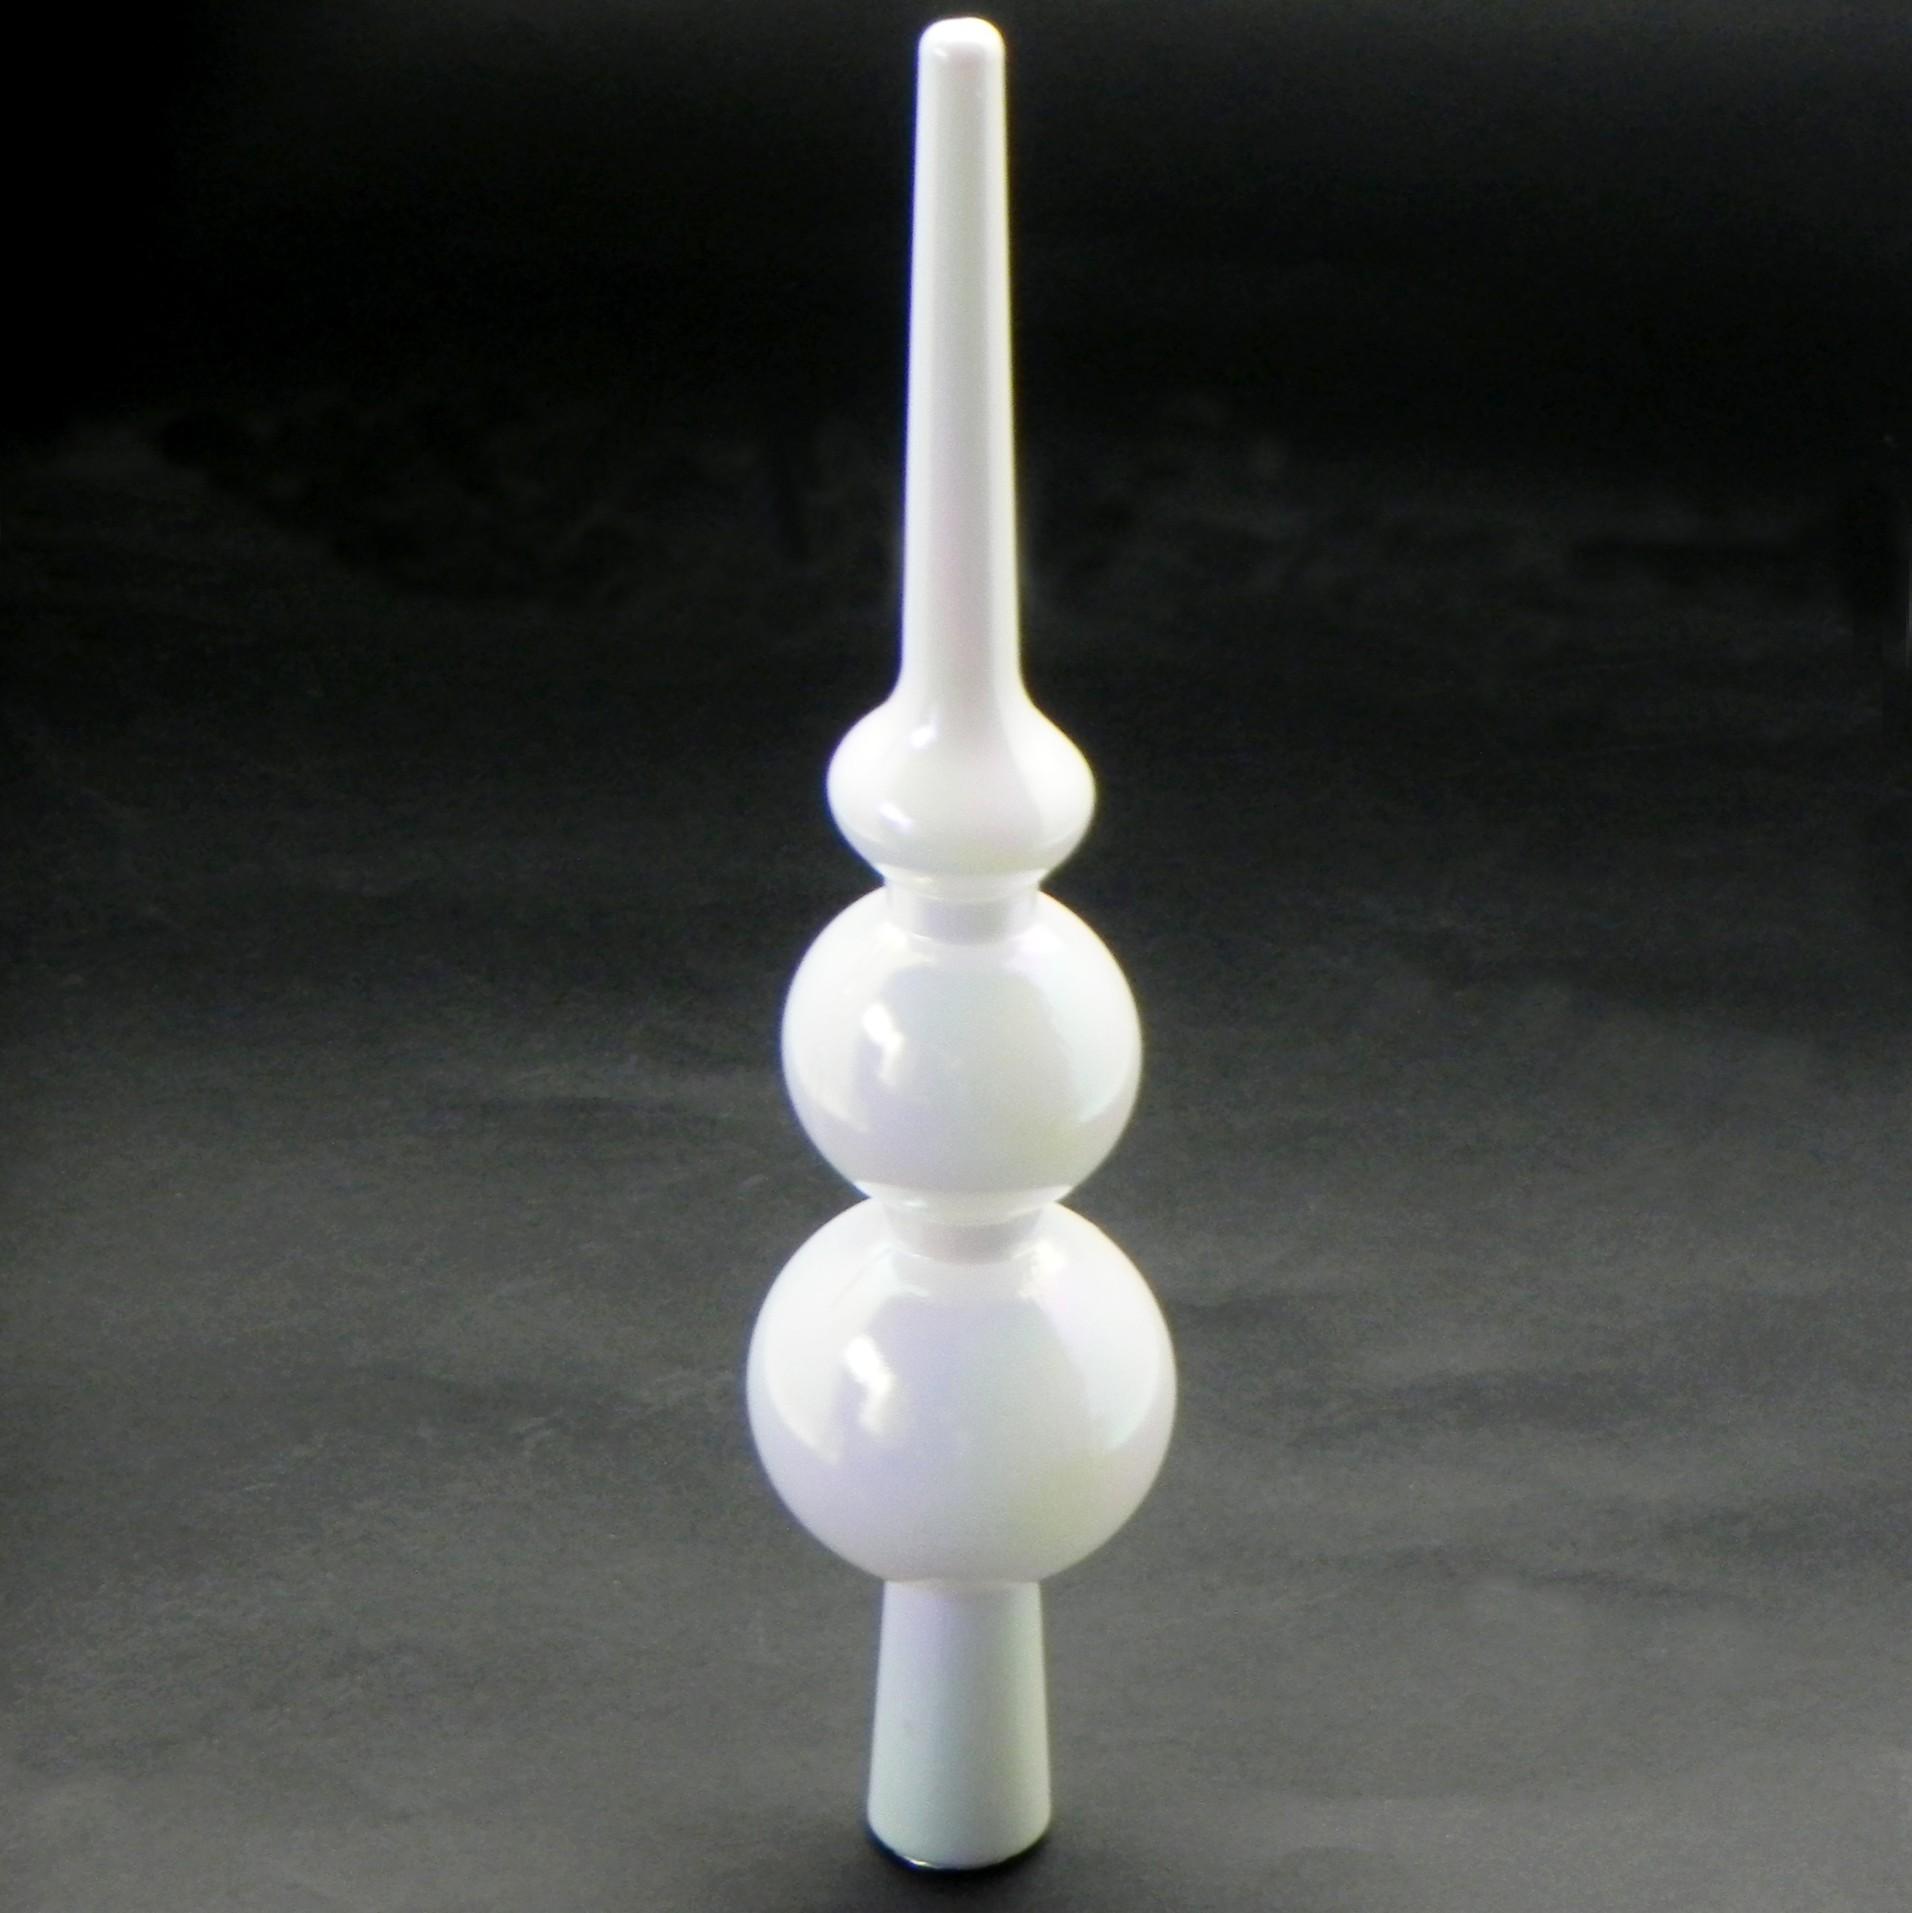 Špice vánoční pvc 27,5 cm bílá